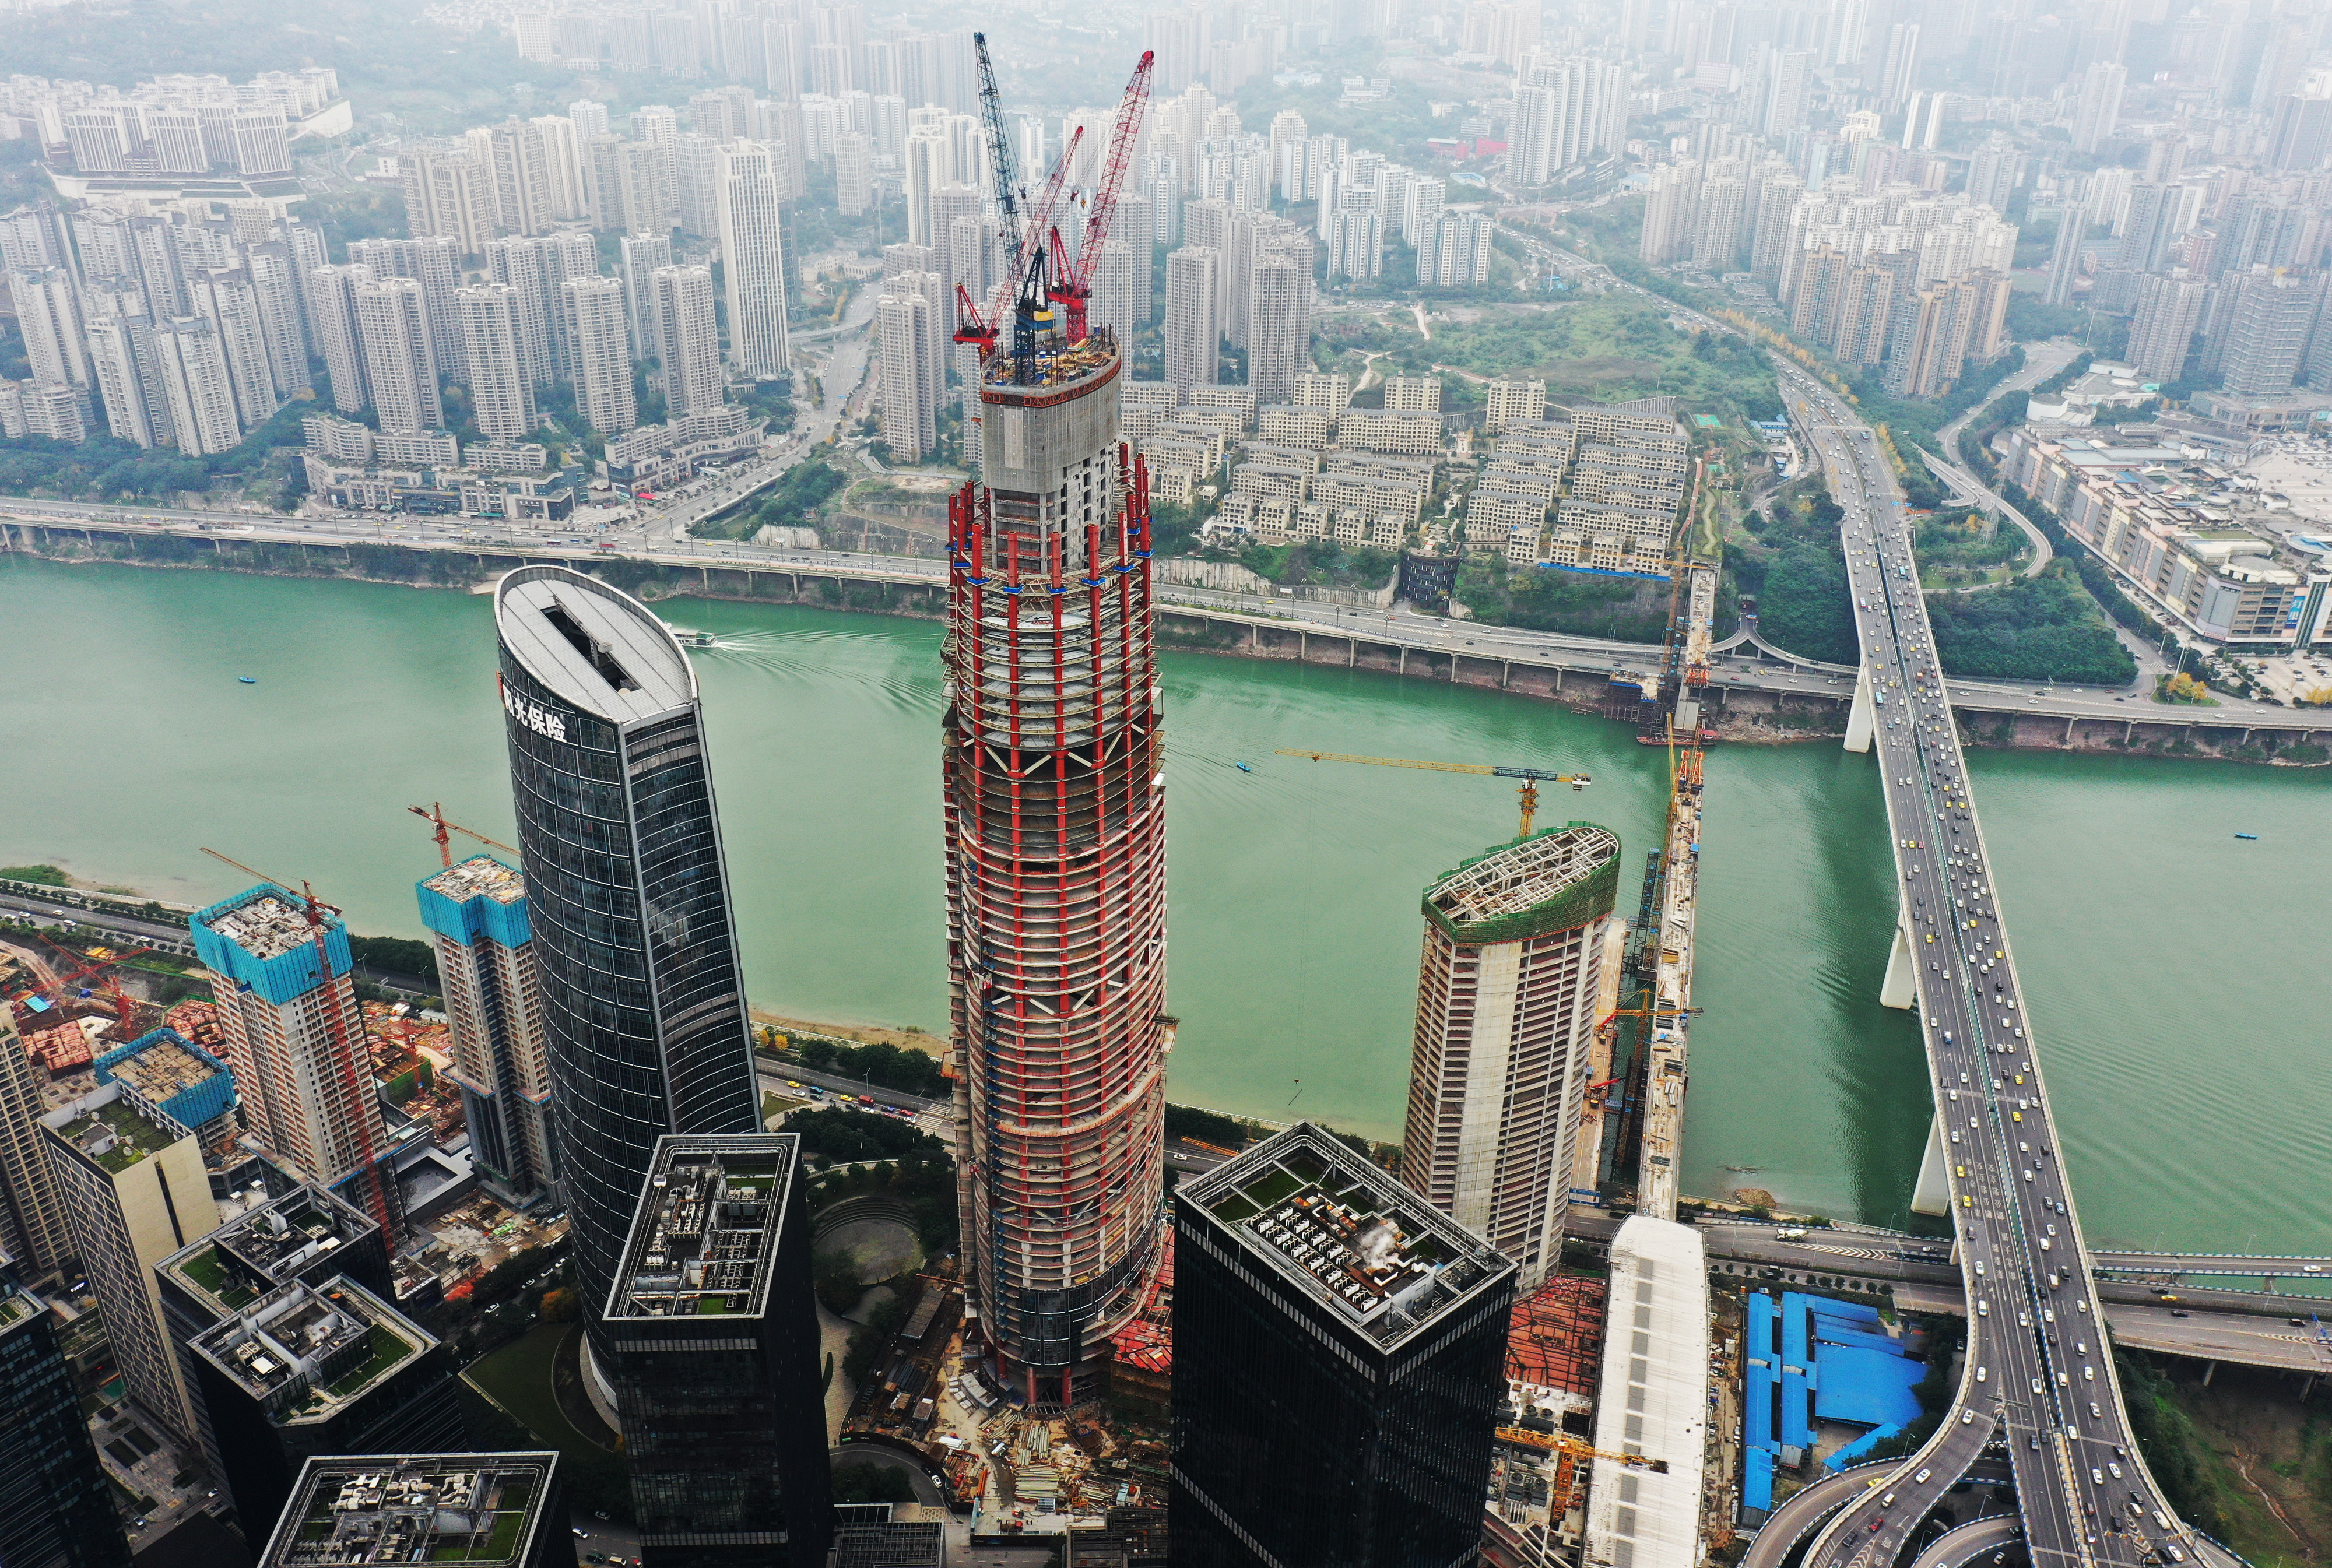 重庆化龙桥超高层项目主塔楼突破300米